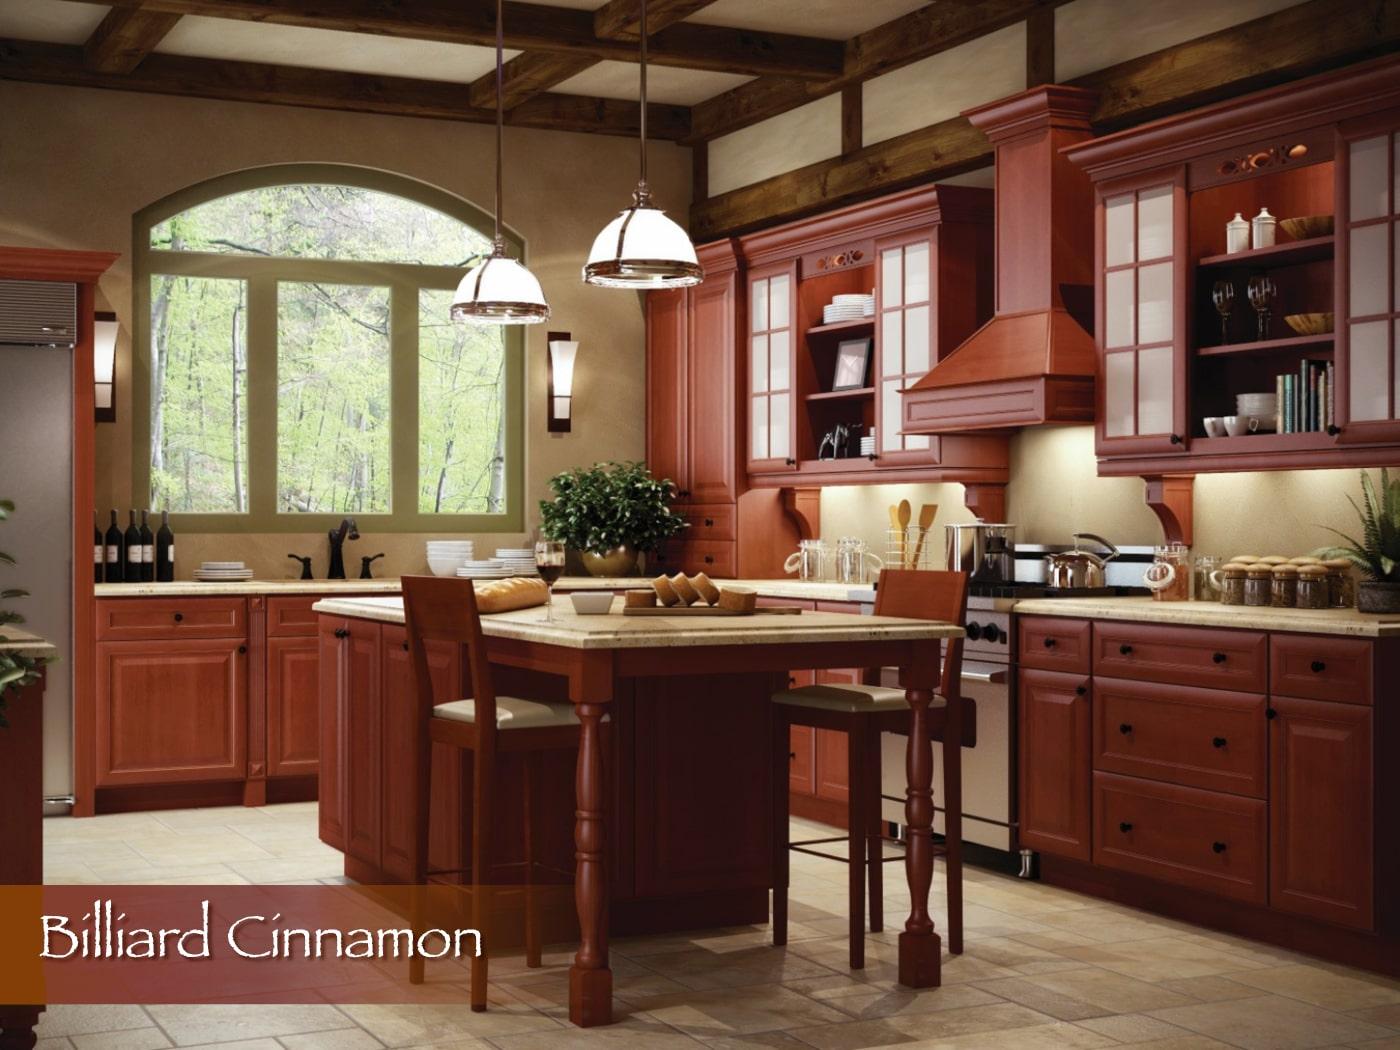 Billiard Cinnamon